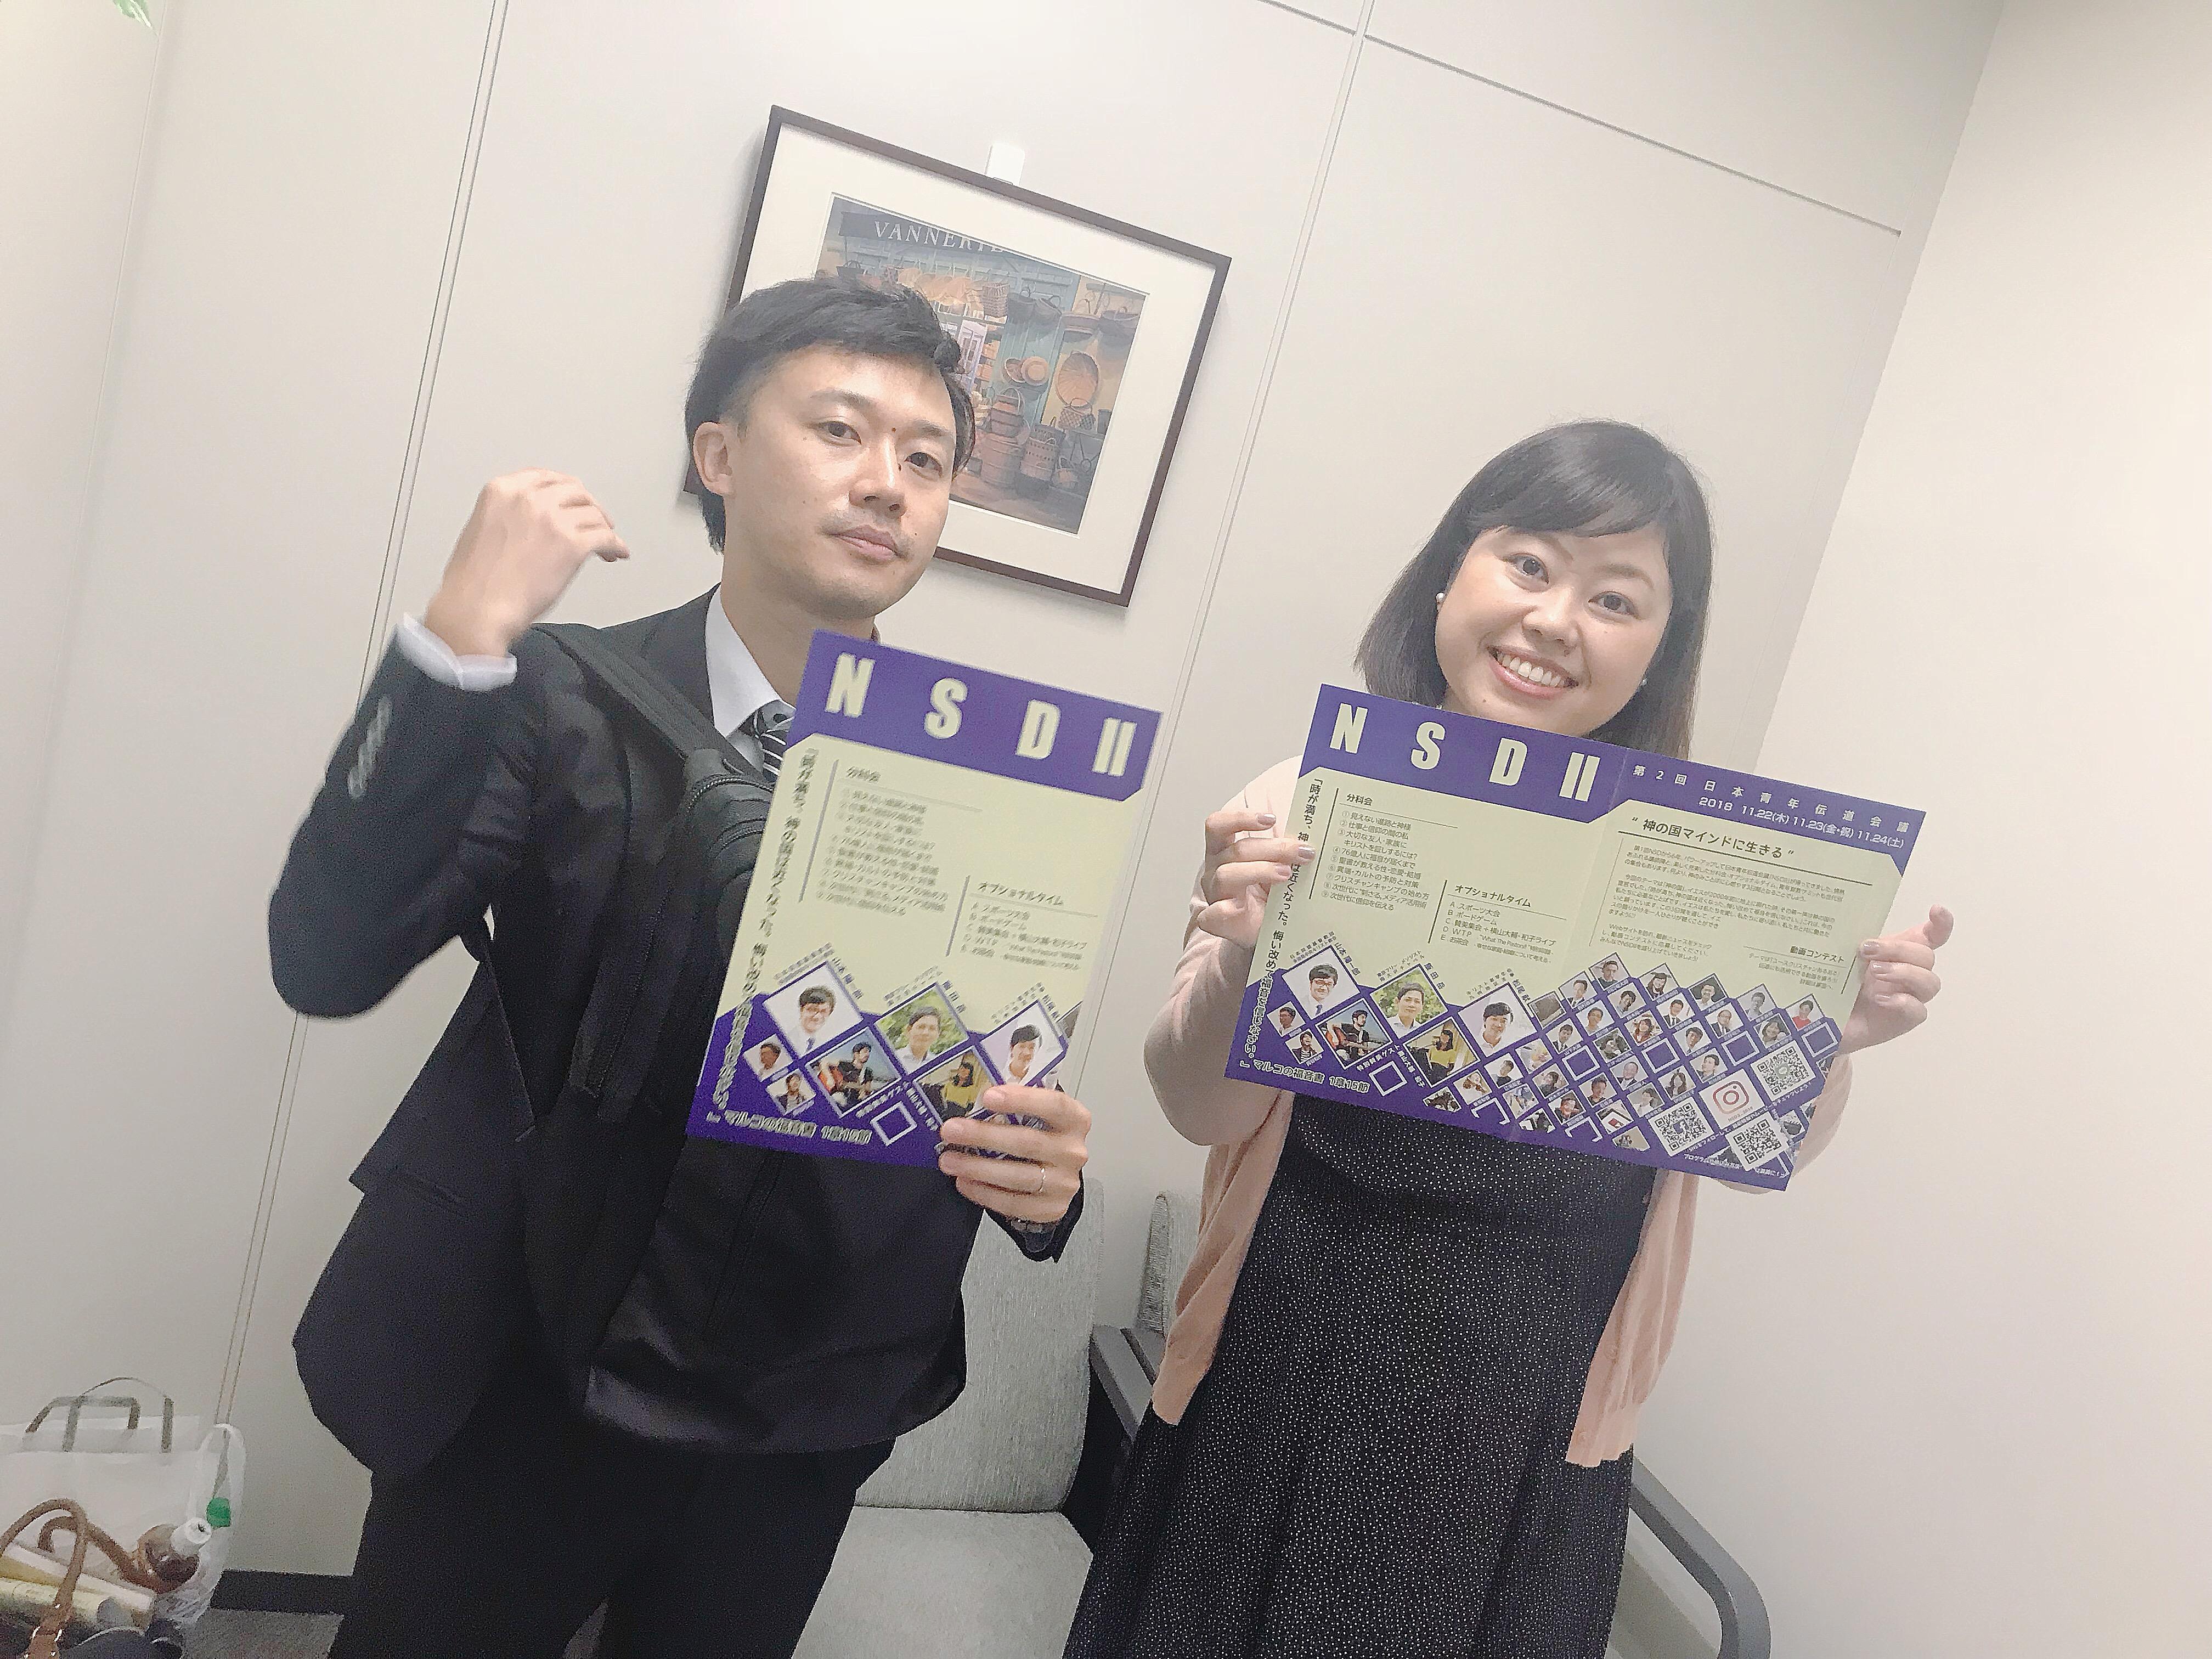 第2回日本青年伝道会議(NSDⅡ)